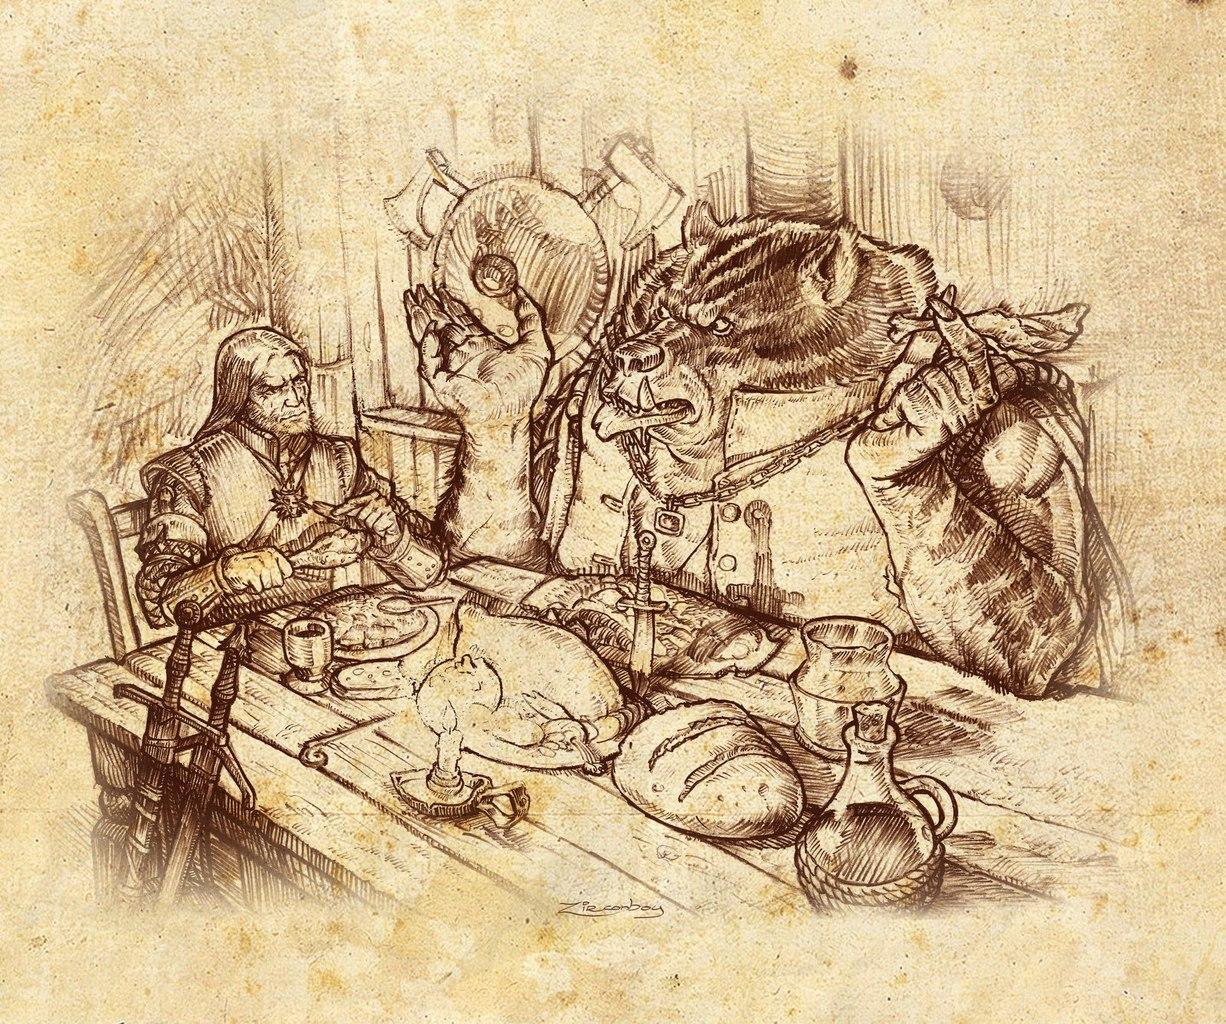 Оригинальные/интересные арты по Ведьмаку. - Изображение 18